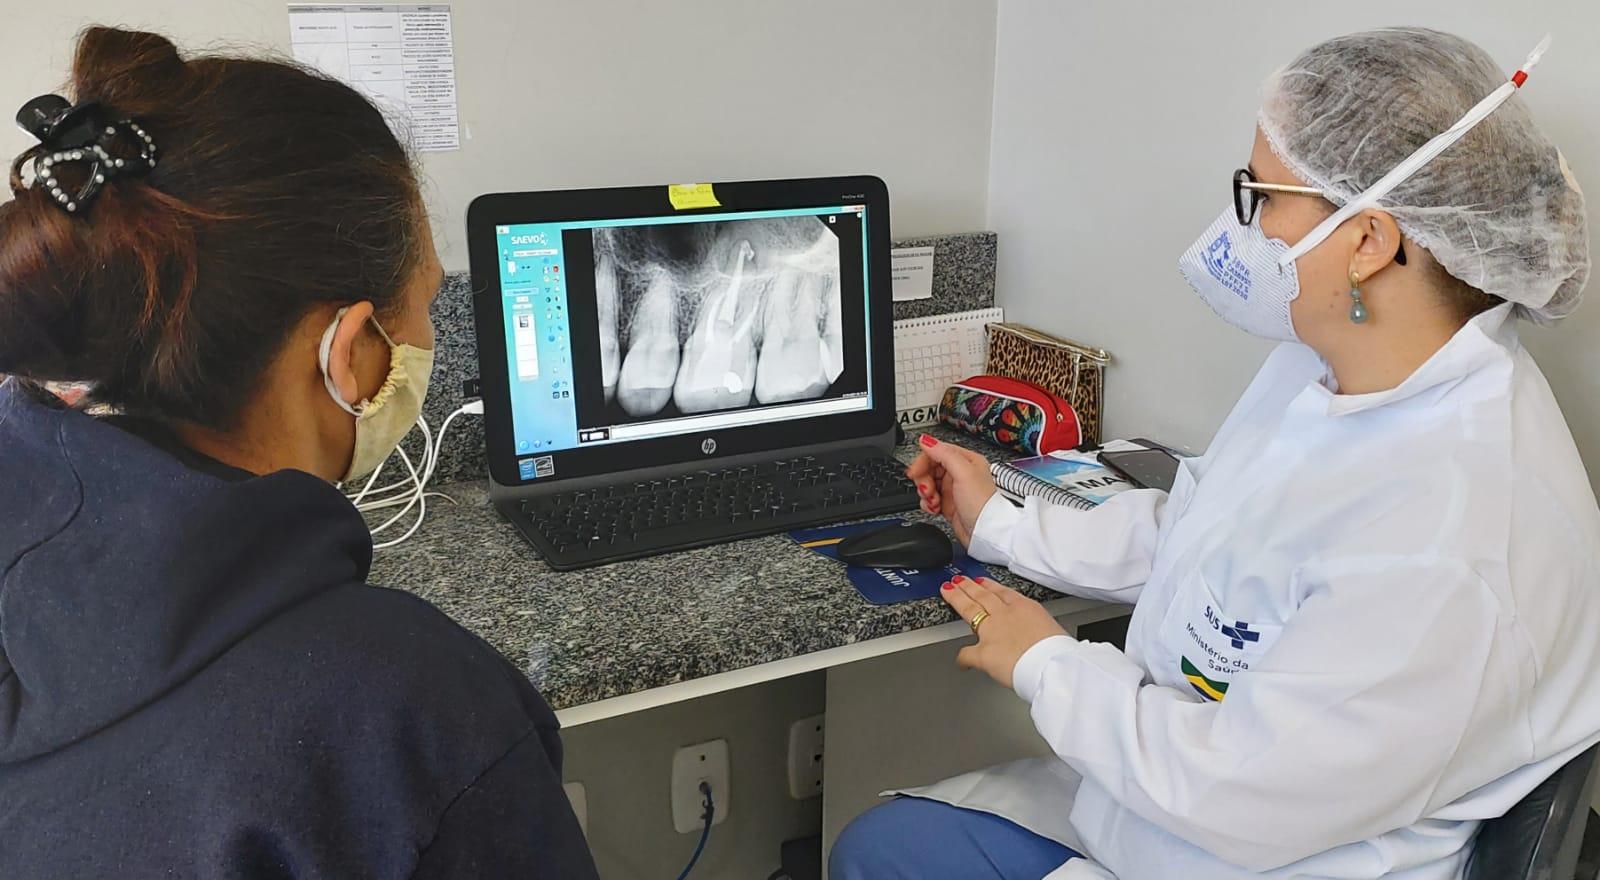 Saúde bucal para todos: CEO-BG utiliza equipamento de radiologia digital para realização de exames de imagem